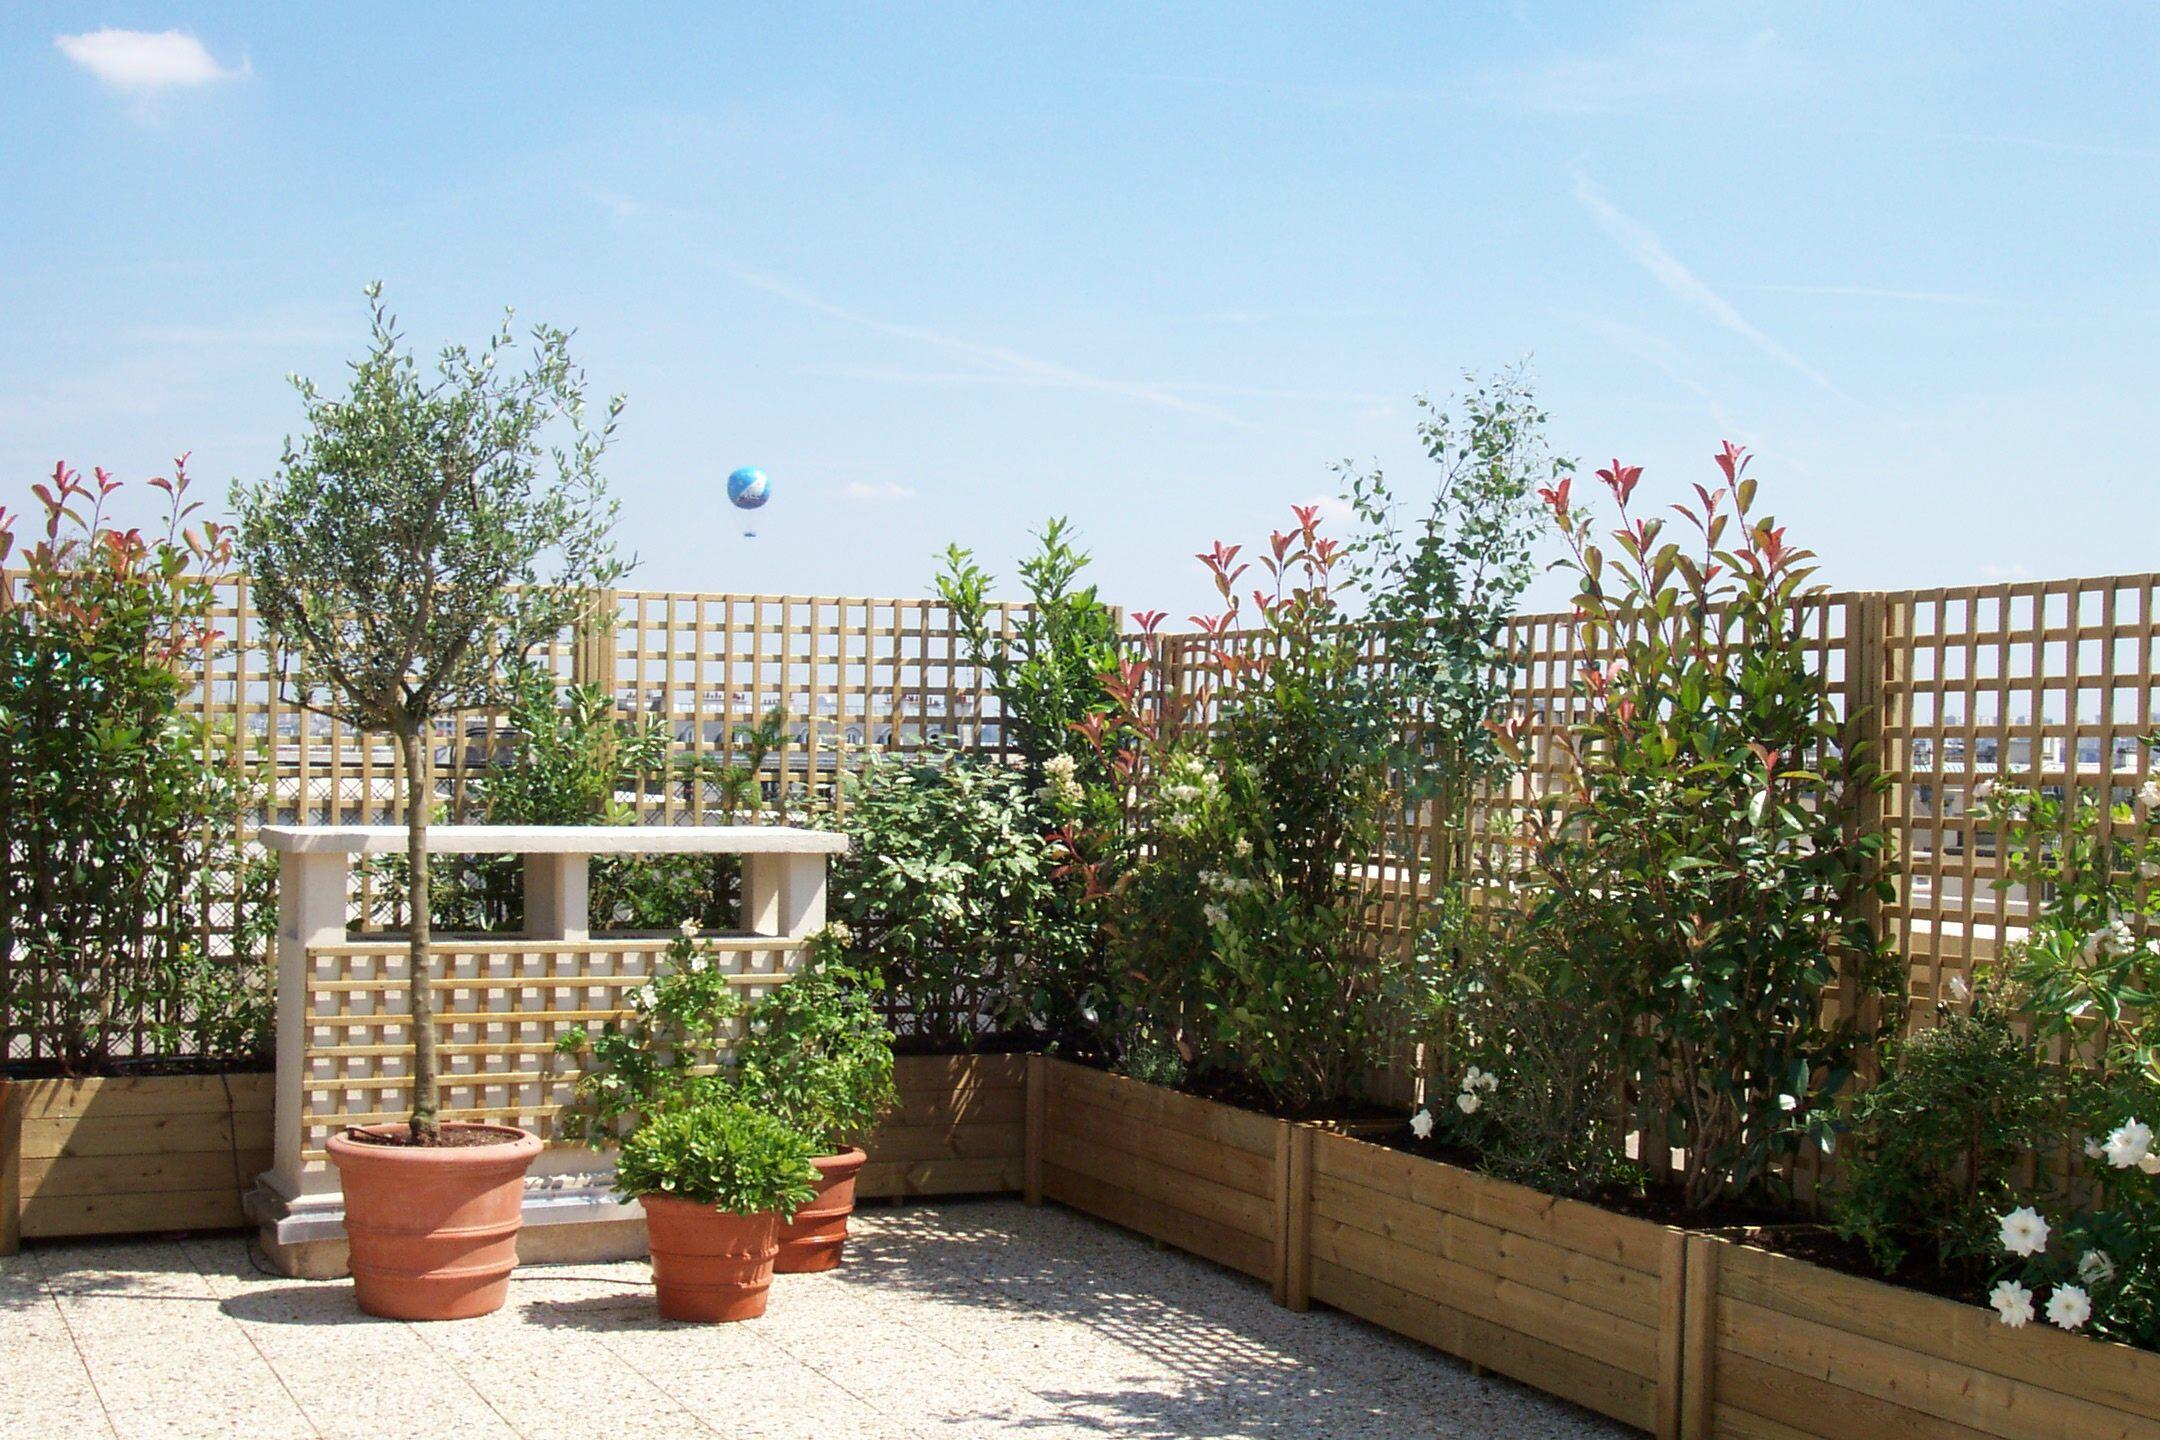 Une Terrasse Oui, Mais Sans Vis-À-Vis ! destiné Cacher Vis A Vis Jardin